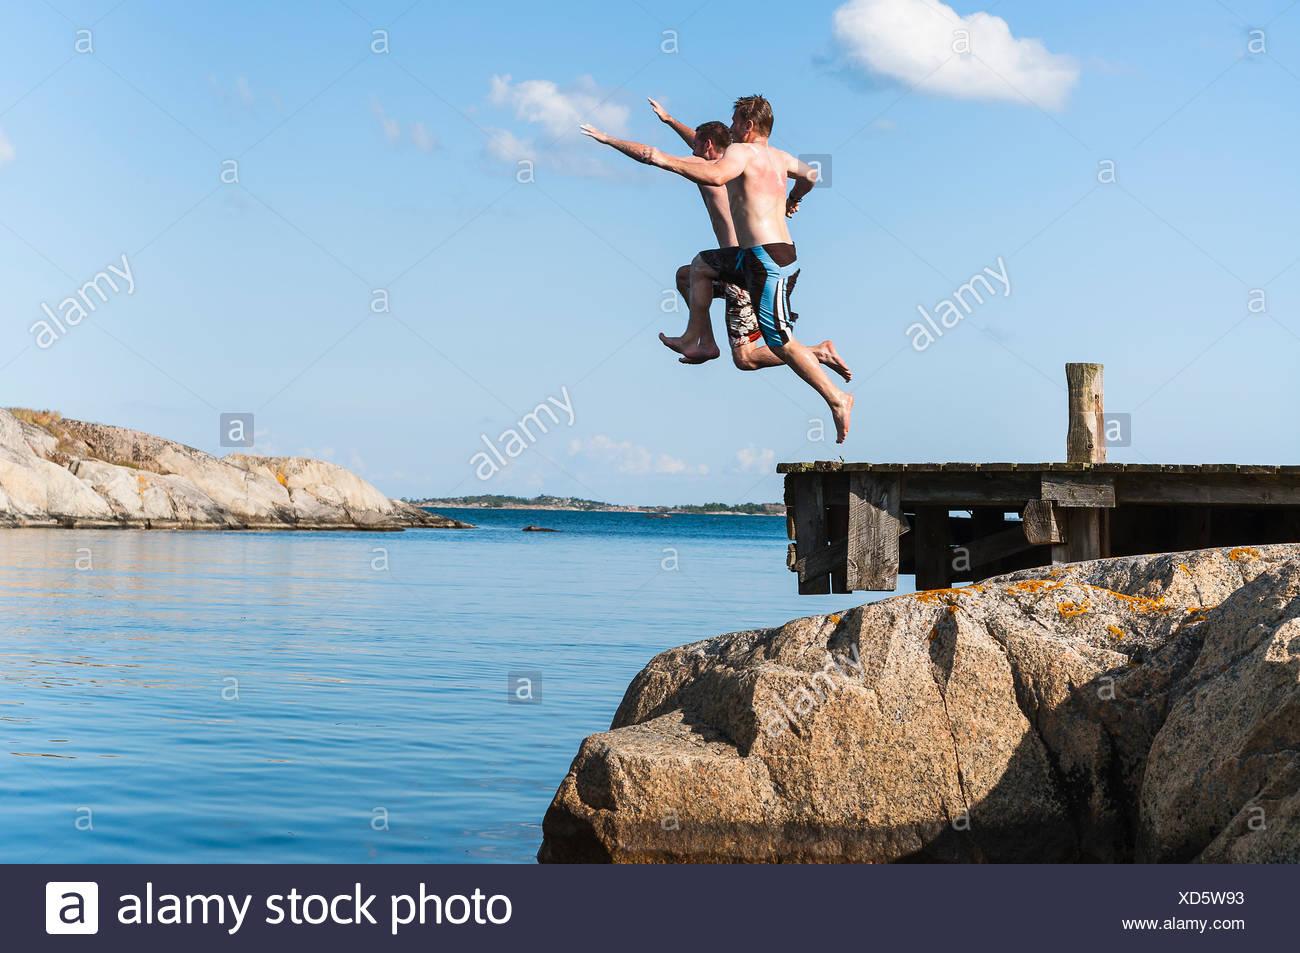 La Suède, l'archipel de Stockholm, Uppland, Vidinge, deux hommes sautant dans le lac de la jetée Photo Stock